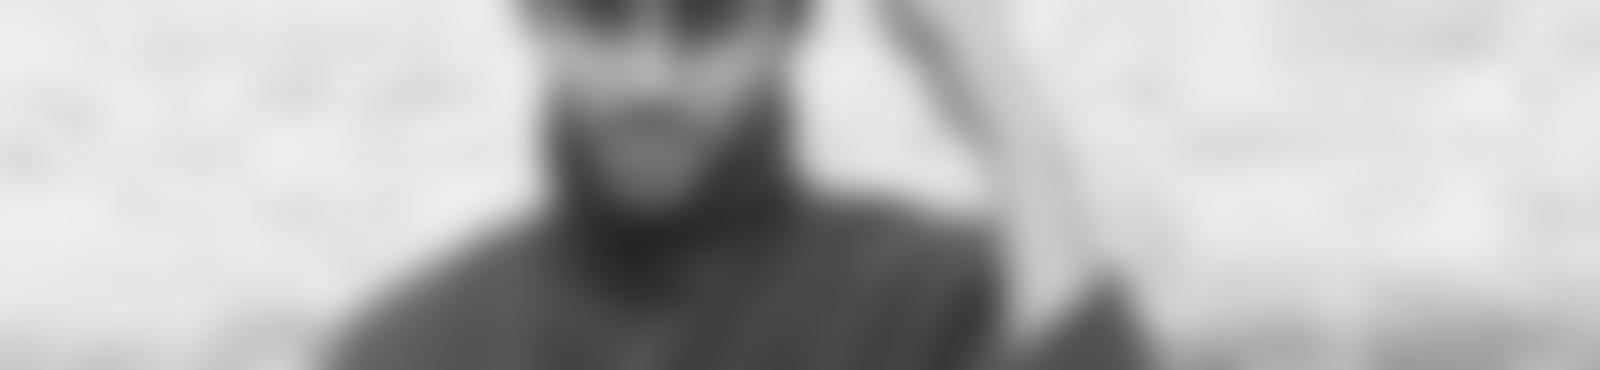 Blurred 0d65468e 6a6e 488e a692 c70a5a55009e